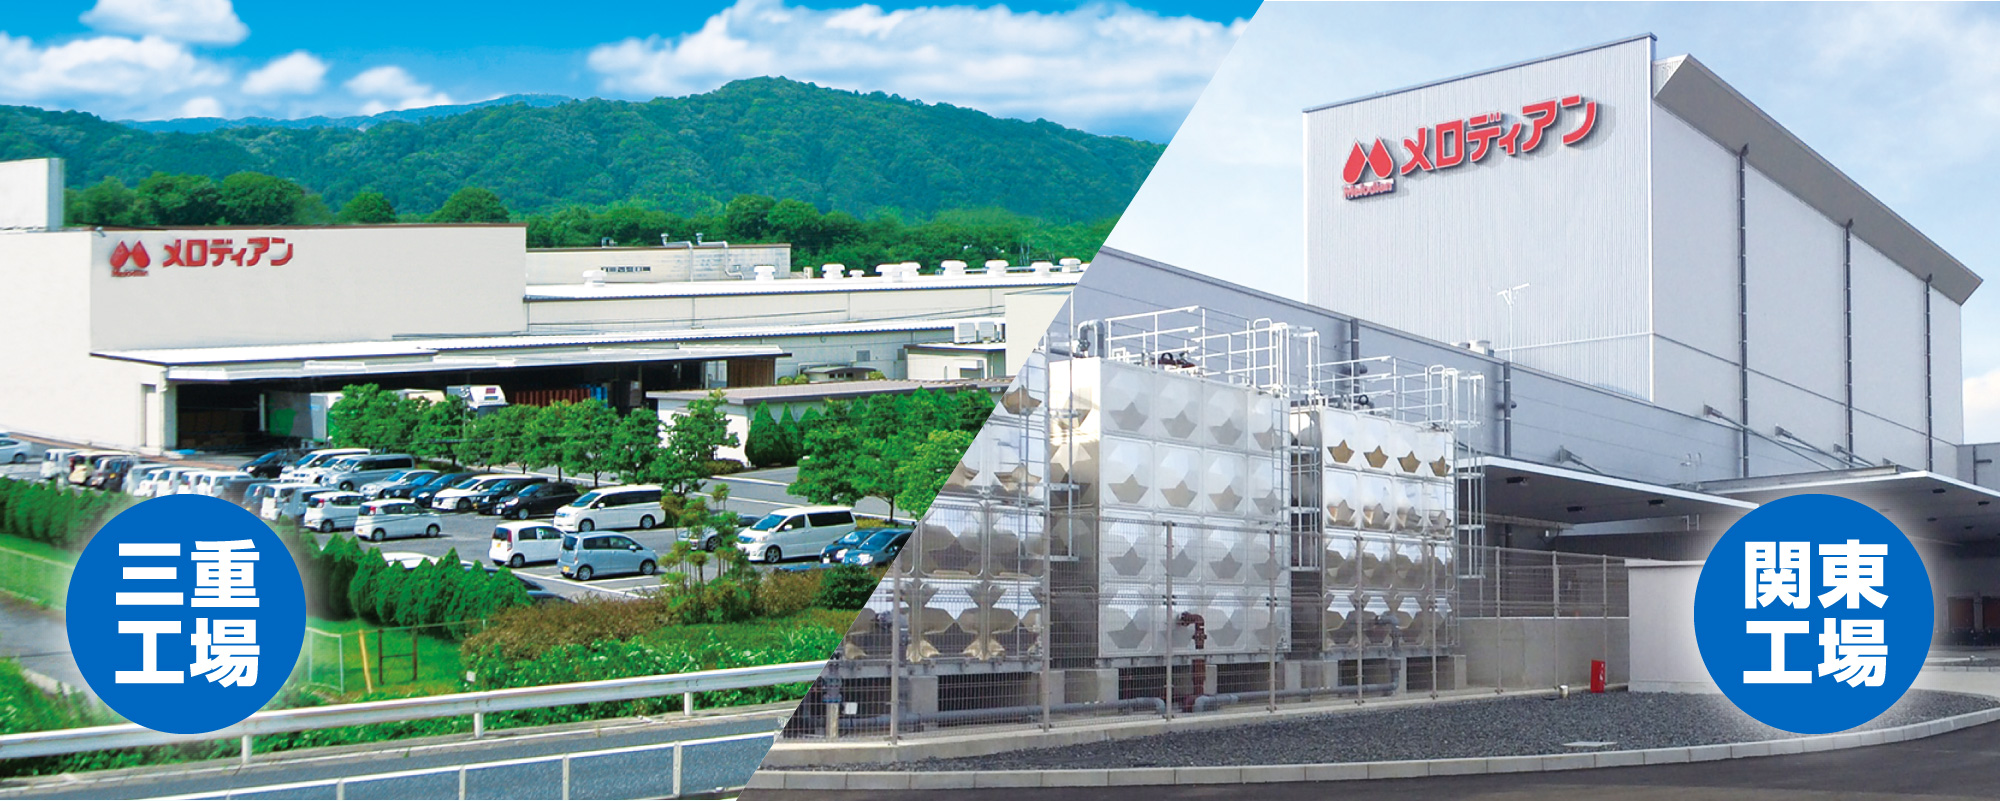 メロディアン三重工場/関東工場